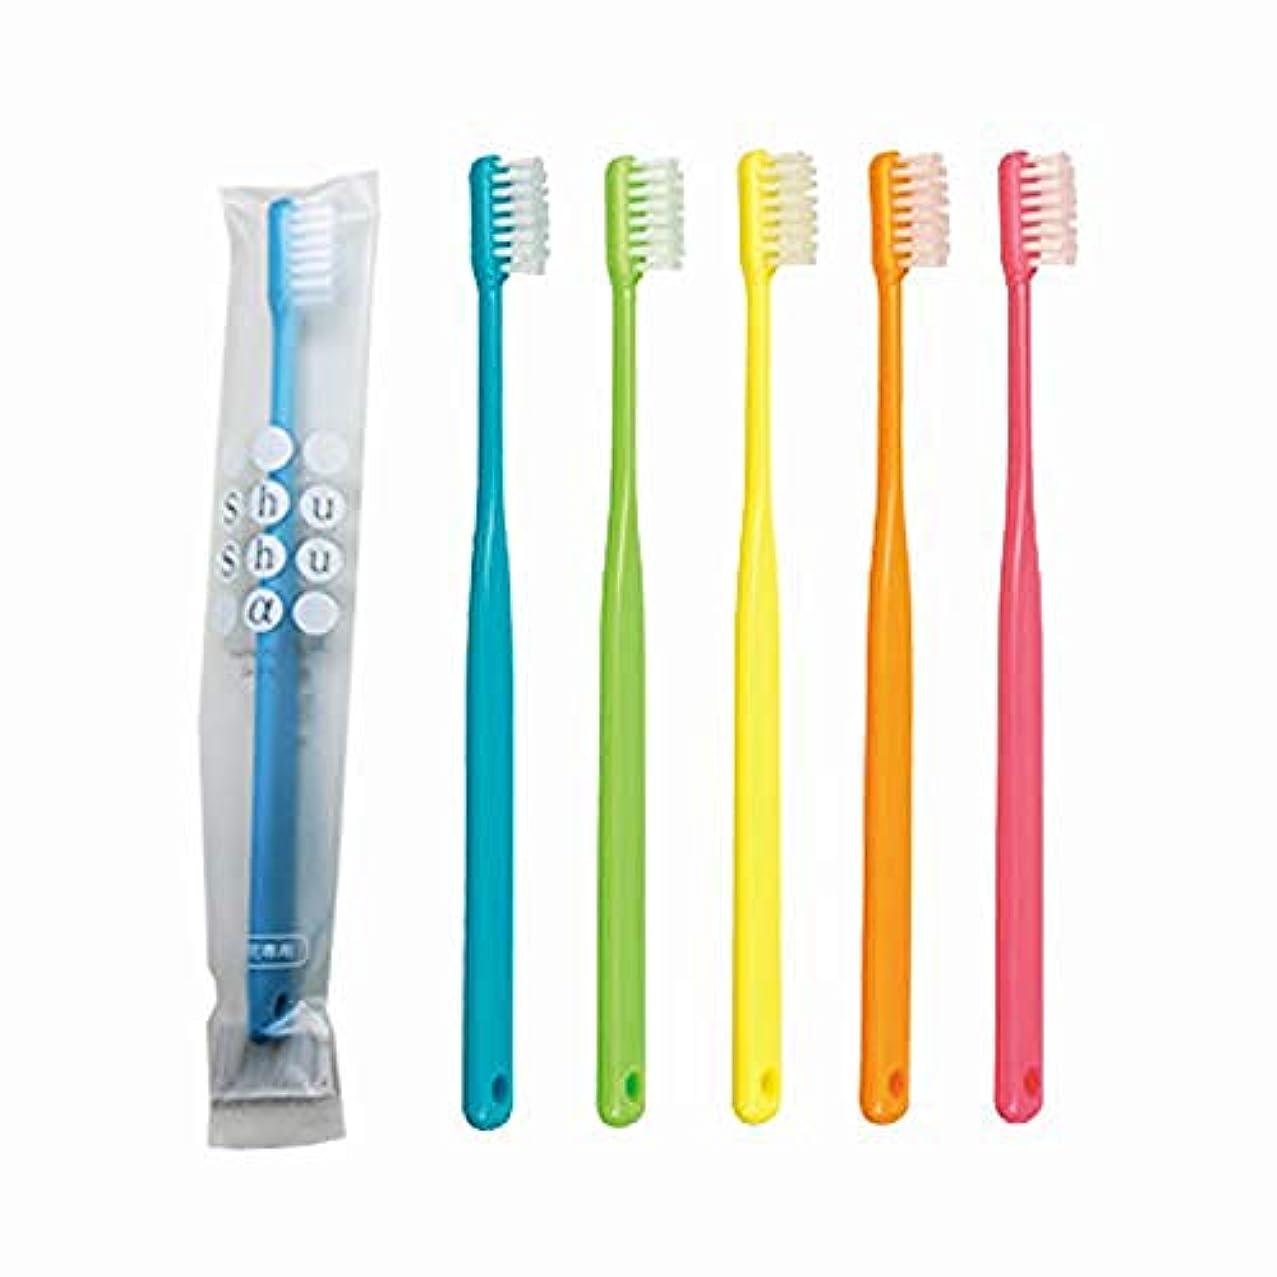 探偵下線圧縮歯科専売品 大人用歯ブラシ FEED Shu Shu α(シュシュアルファ)×20本 S (やわらかめ)